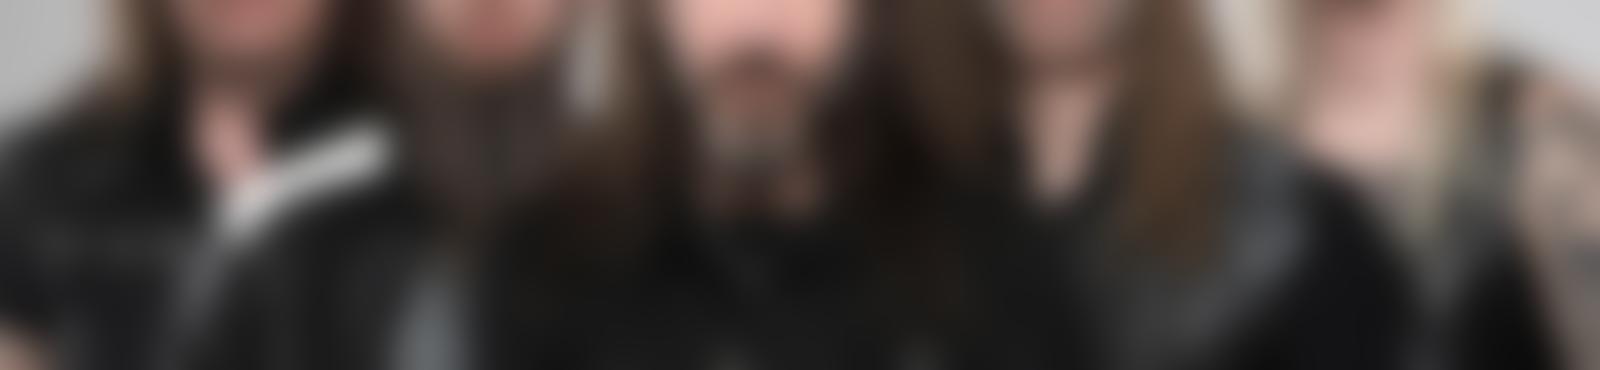 Blurred d6c917f8 cf1b 48c3 8dab 58d5734536d8